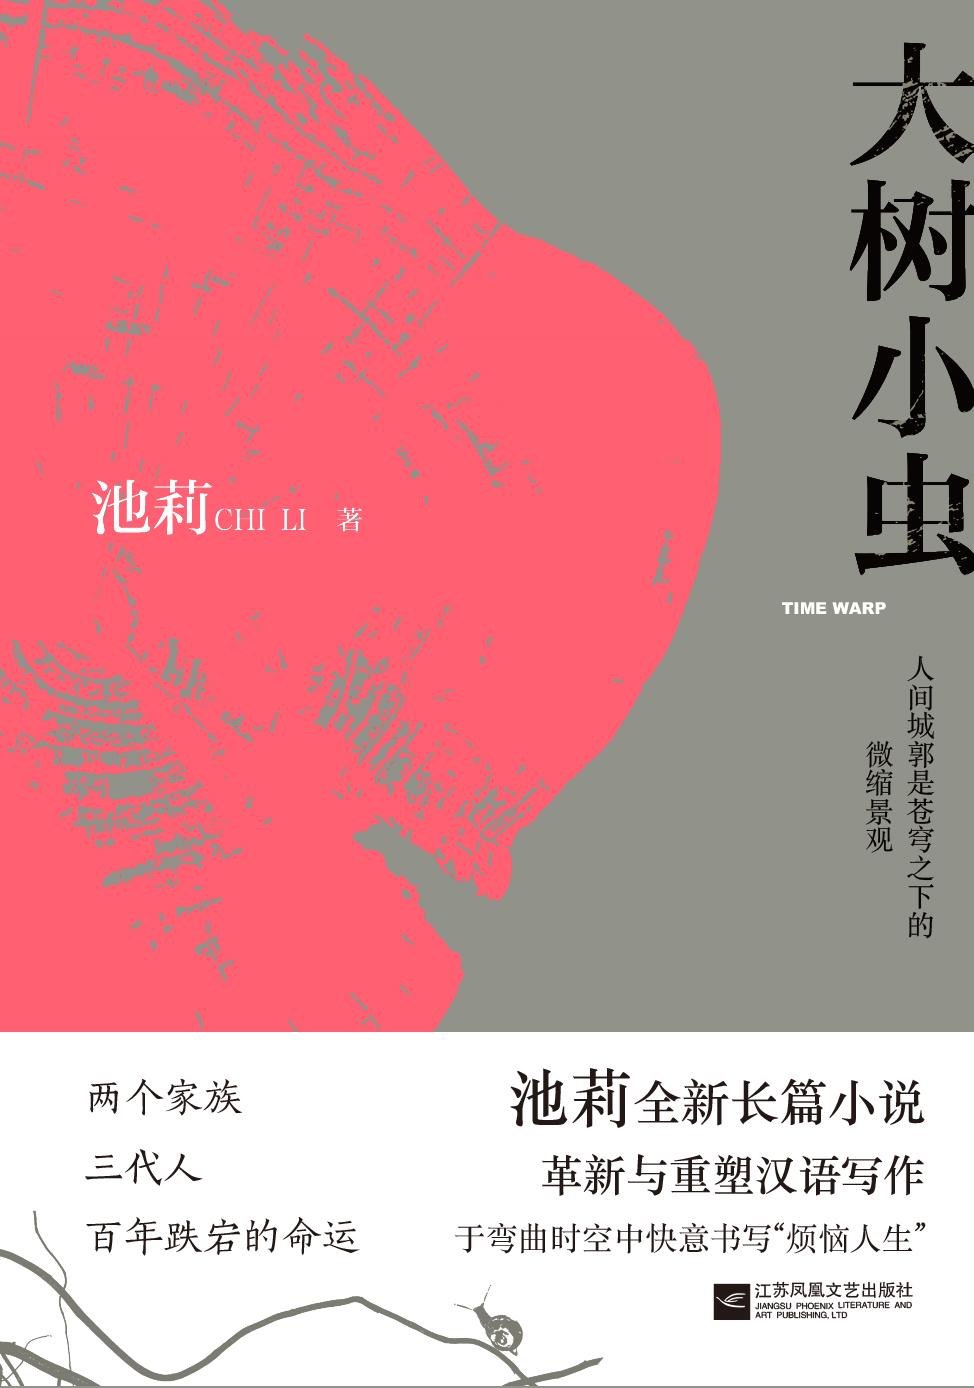 革新重塑中文写作 立体化谱写中国现当代百年历史——评池莉《大树小虫》